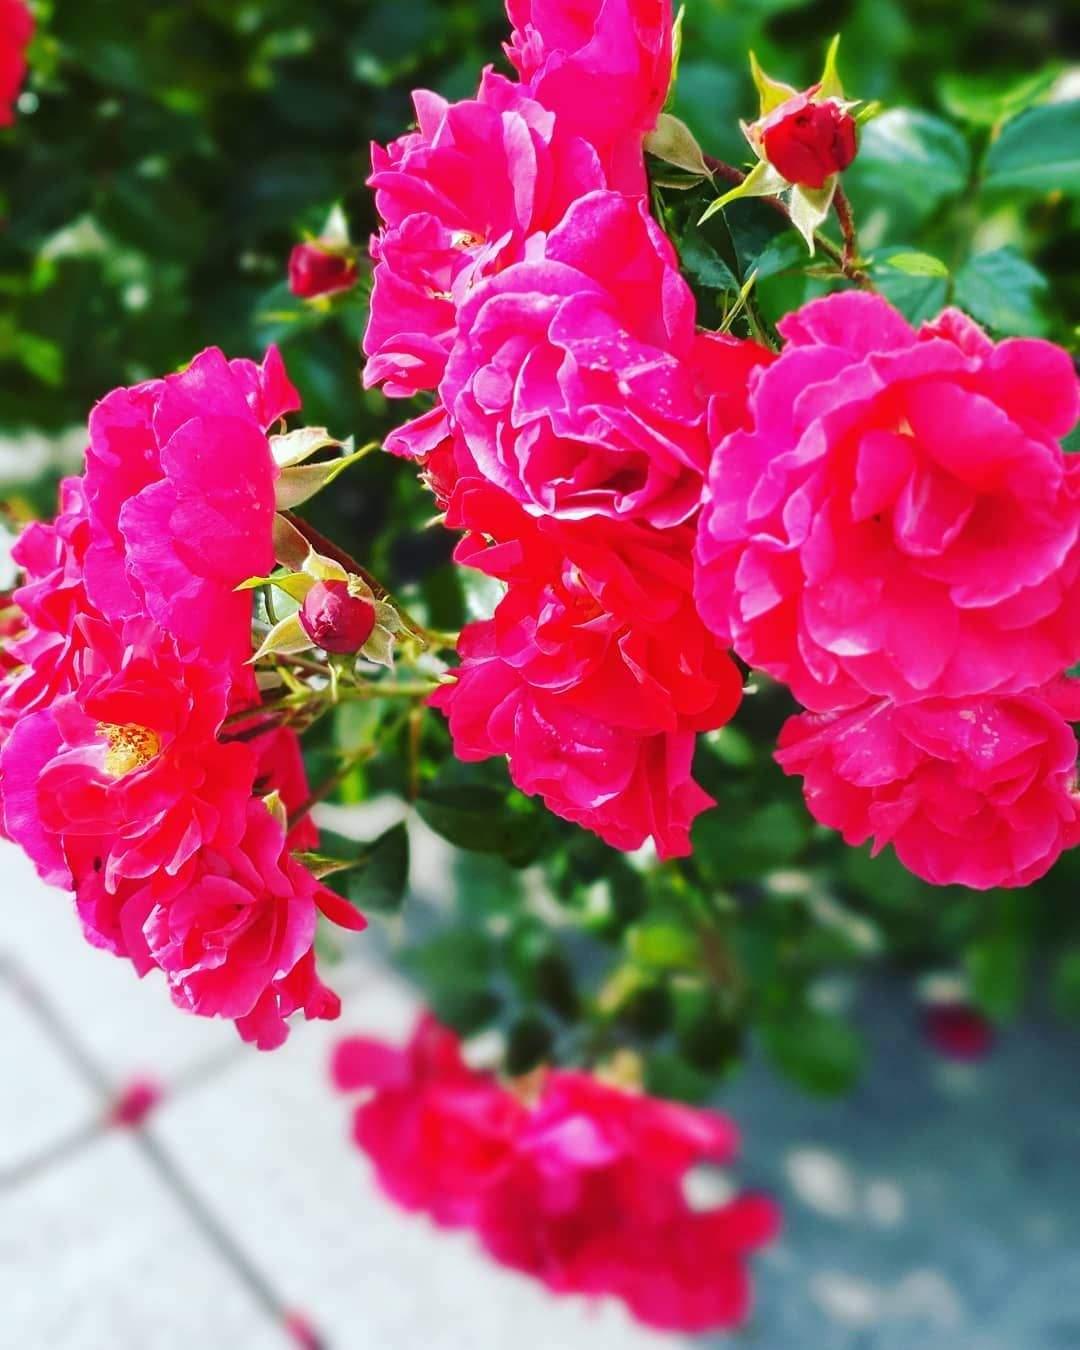 rosen im garten genial rosen rosa garten gartenzeit 2019 august pflanzen rosaroaen of rosen im garten